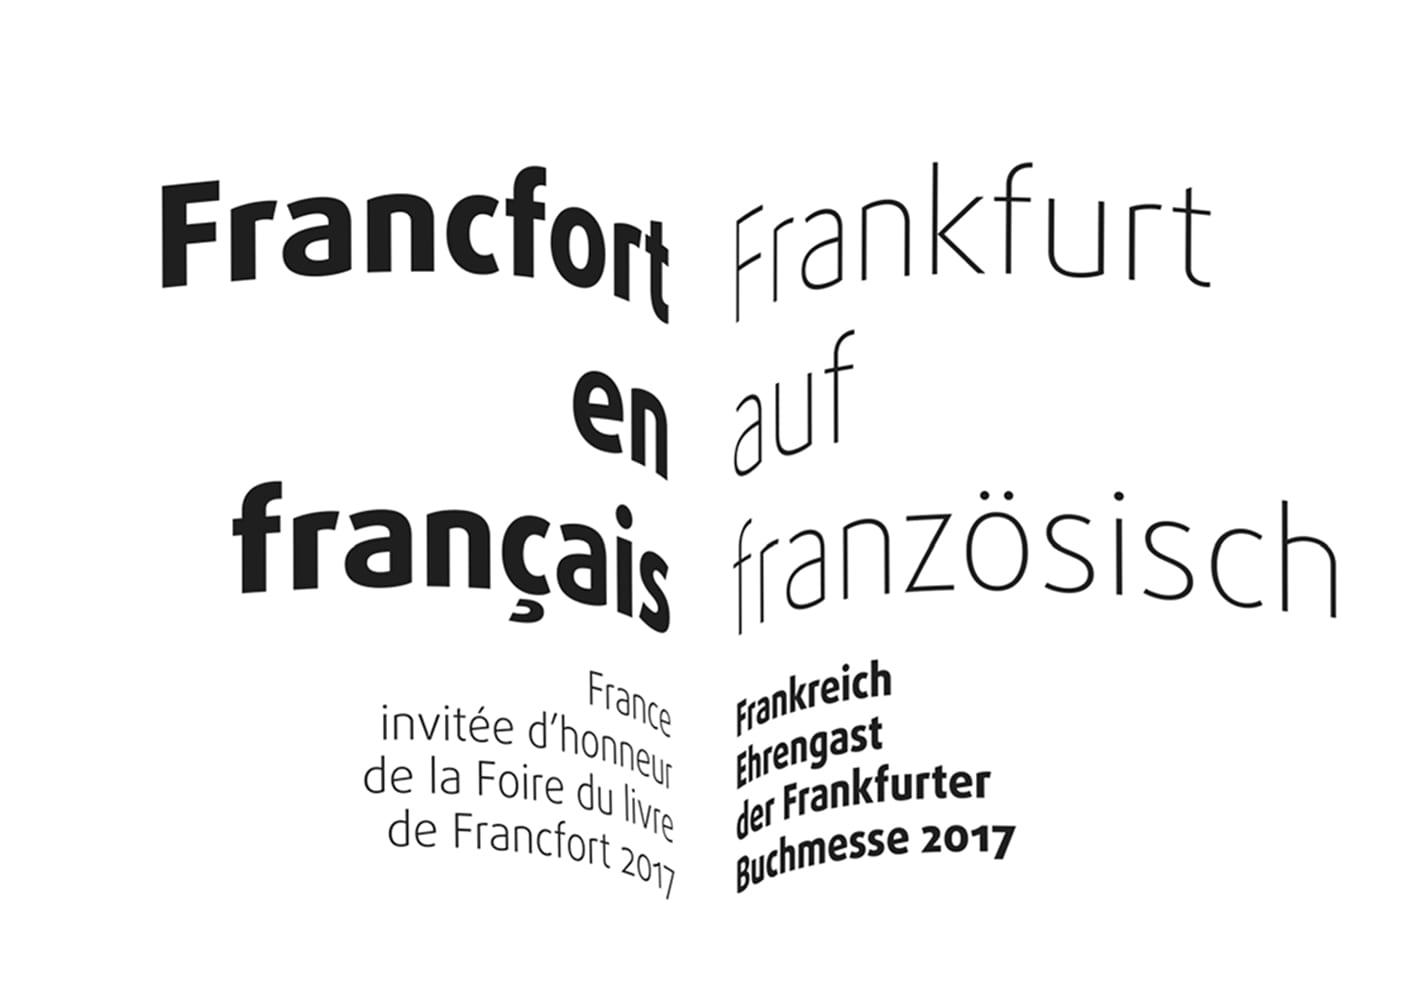 Frankfurter Buchmesse 2017: Francfort en français